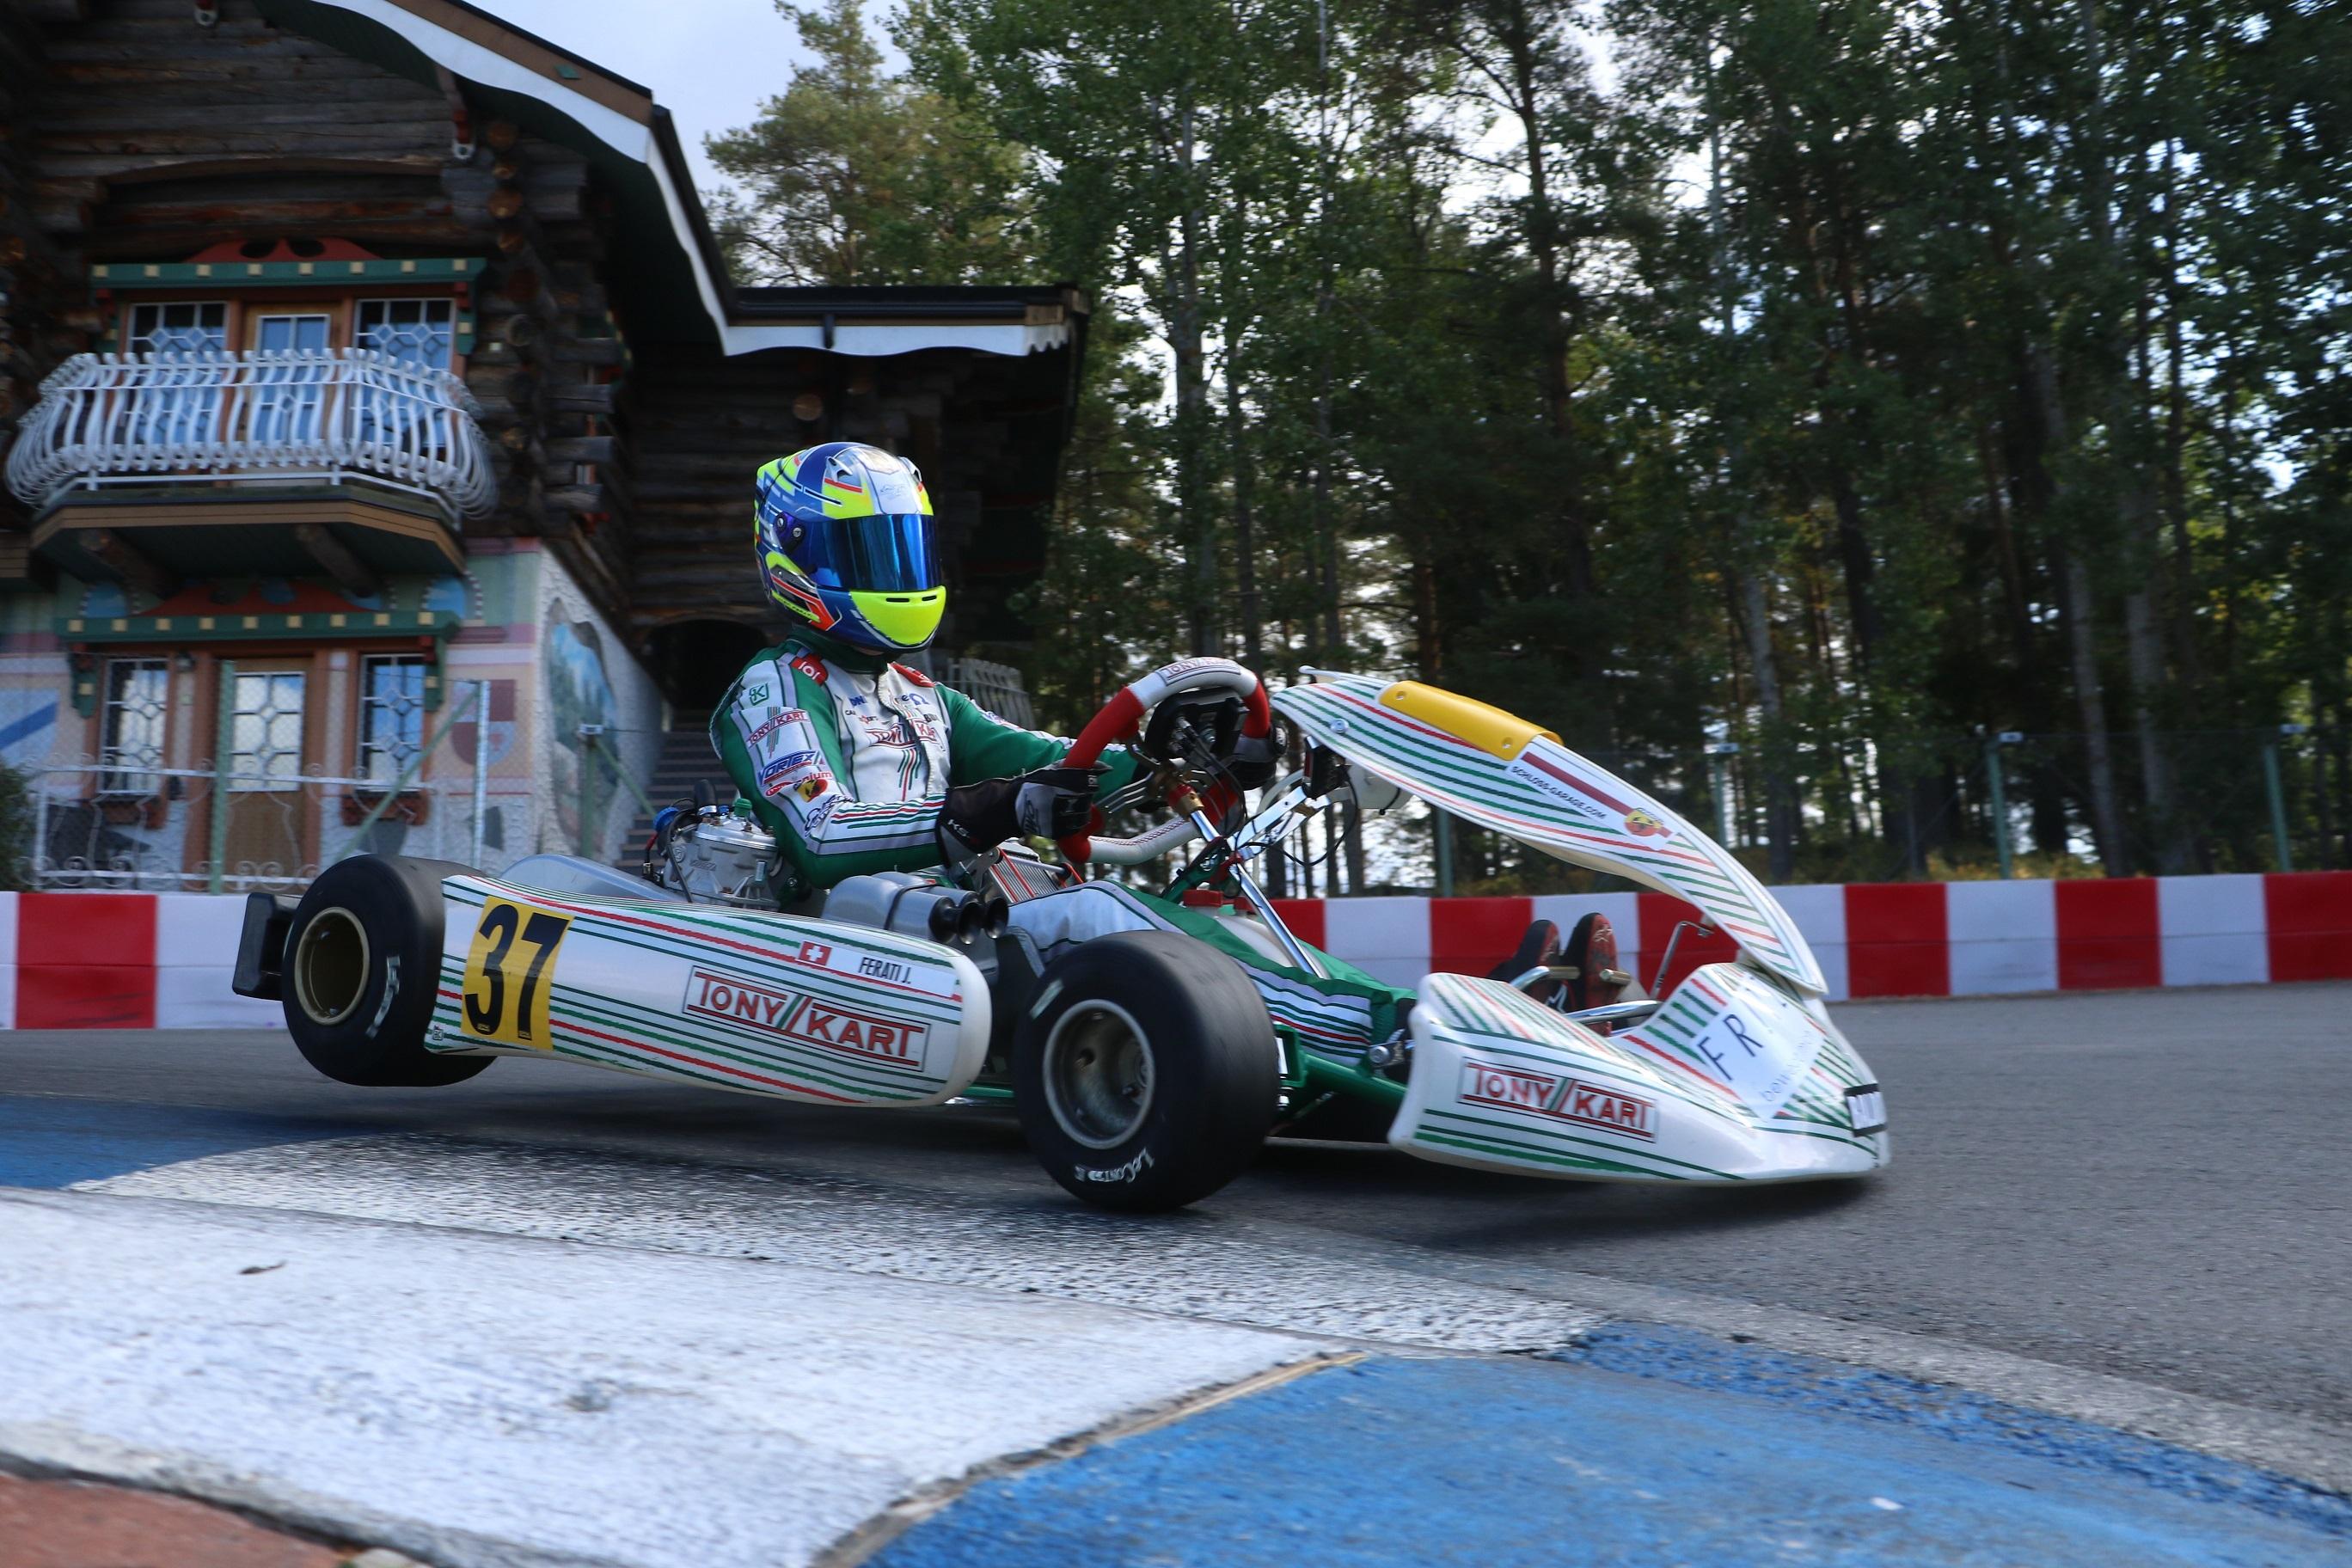 Jasin Ferati: WM-Traum im Qualifying geplatzt